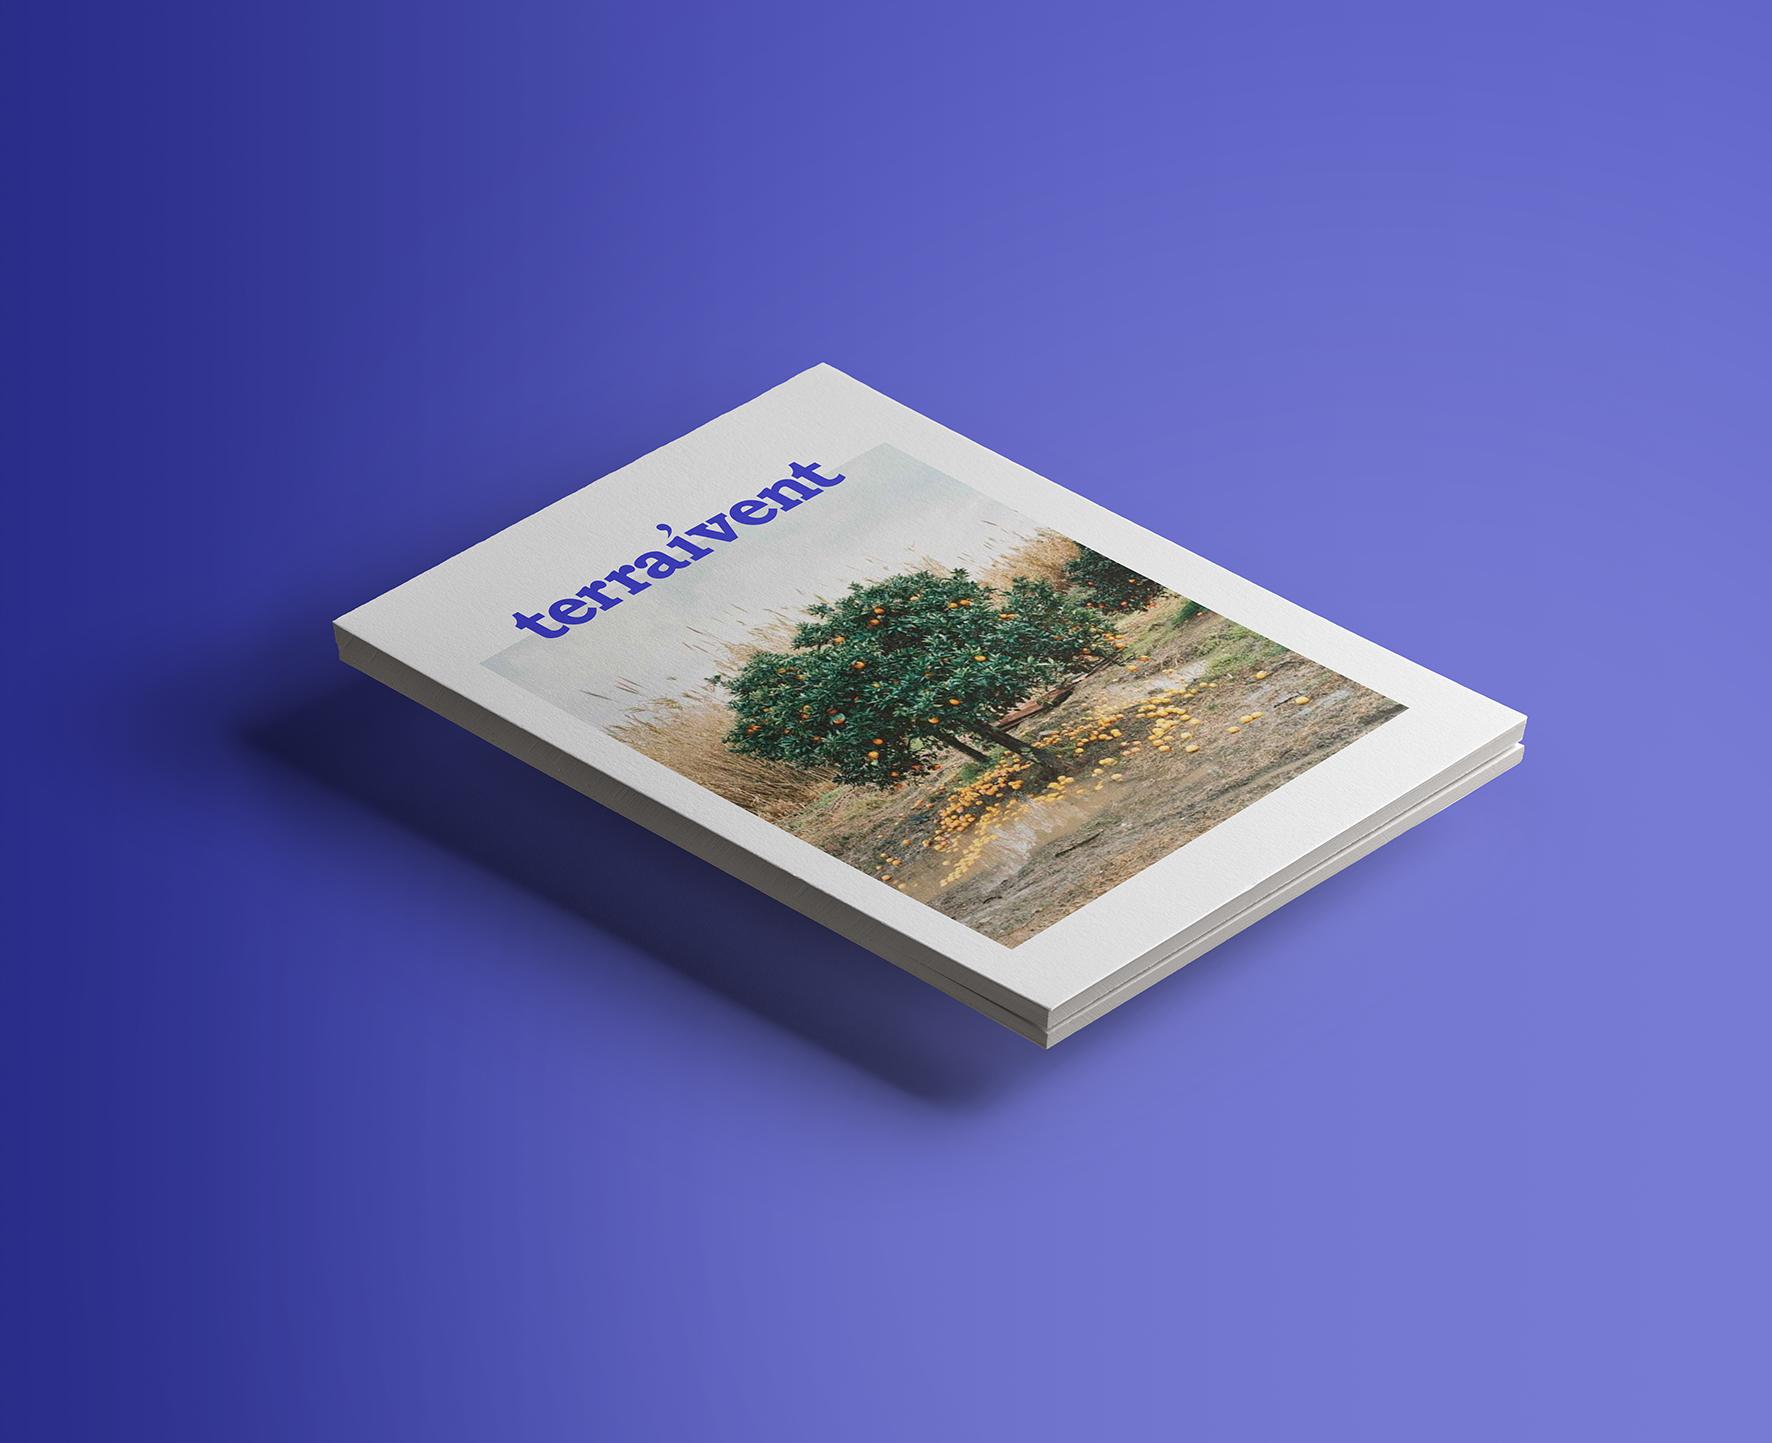 terraivent_concept